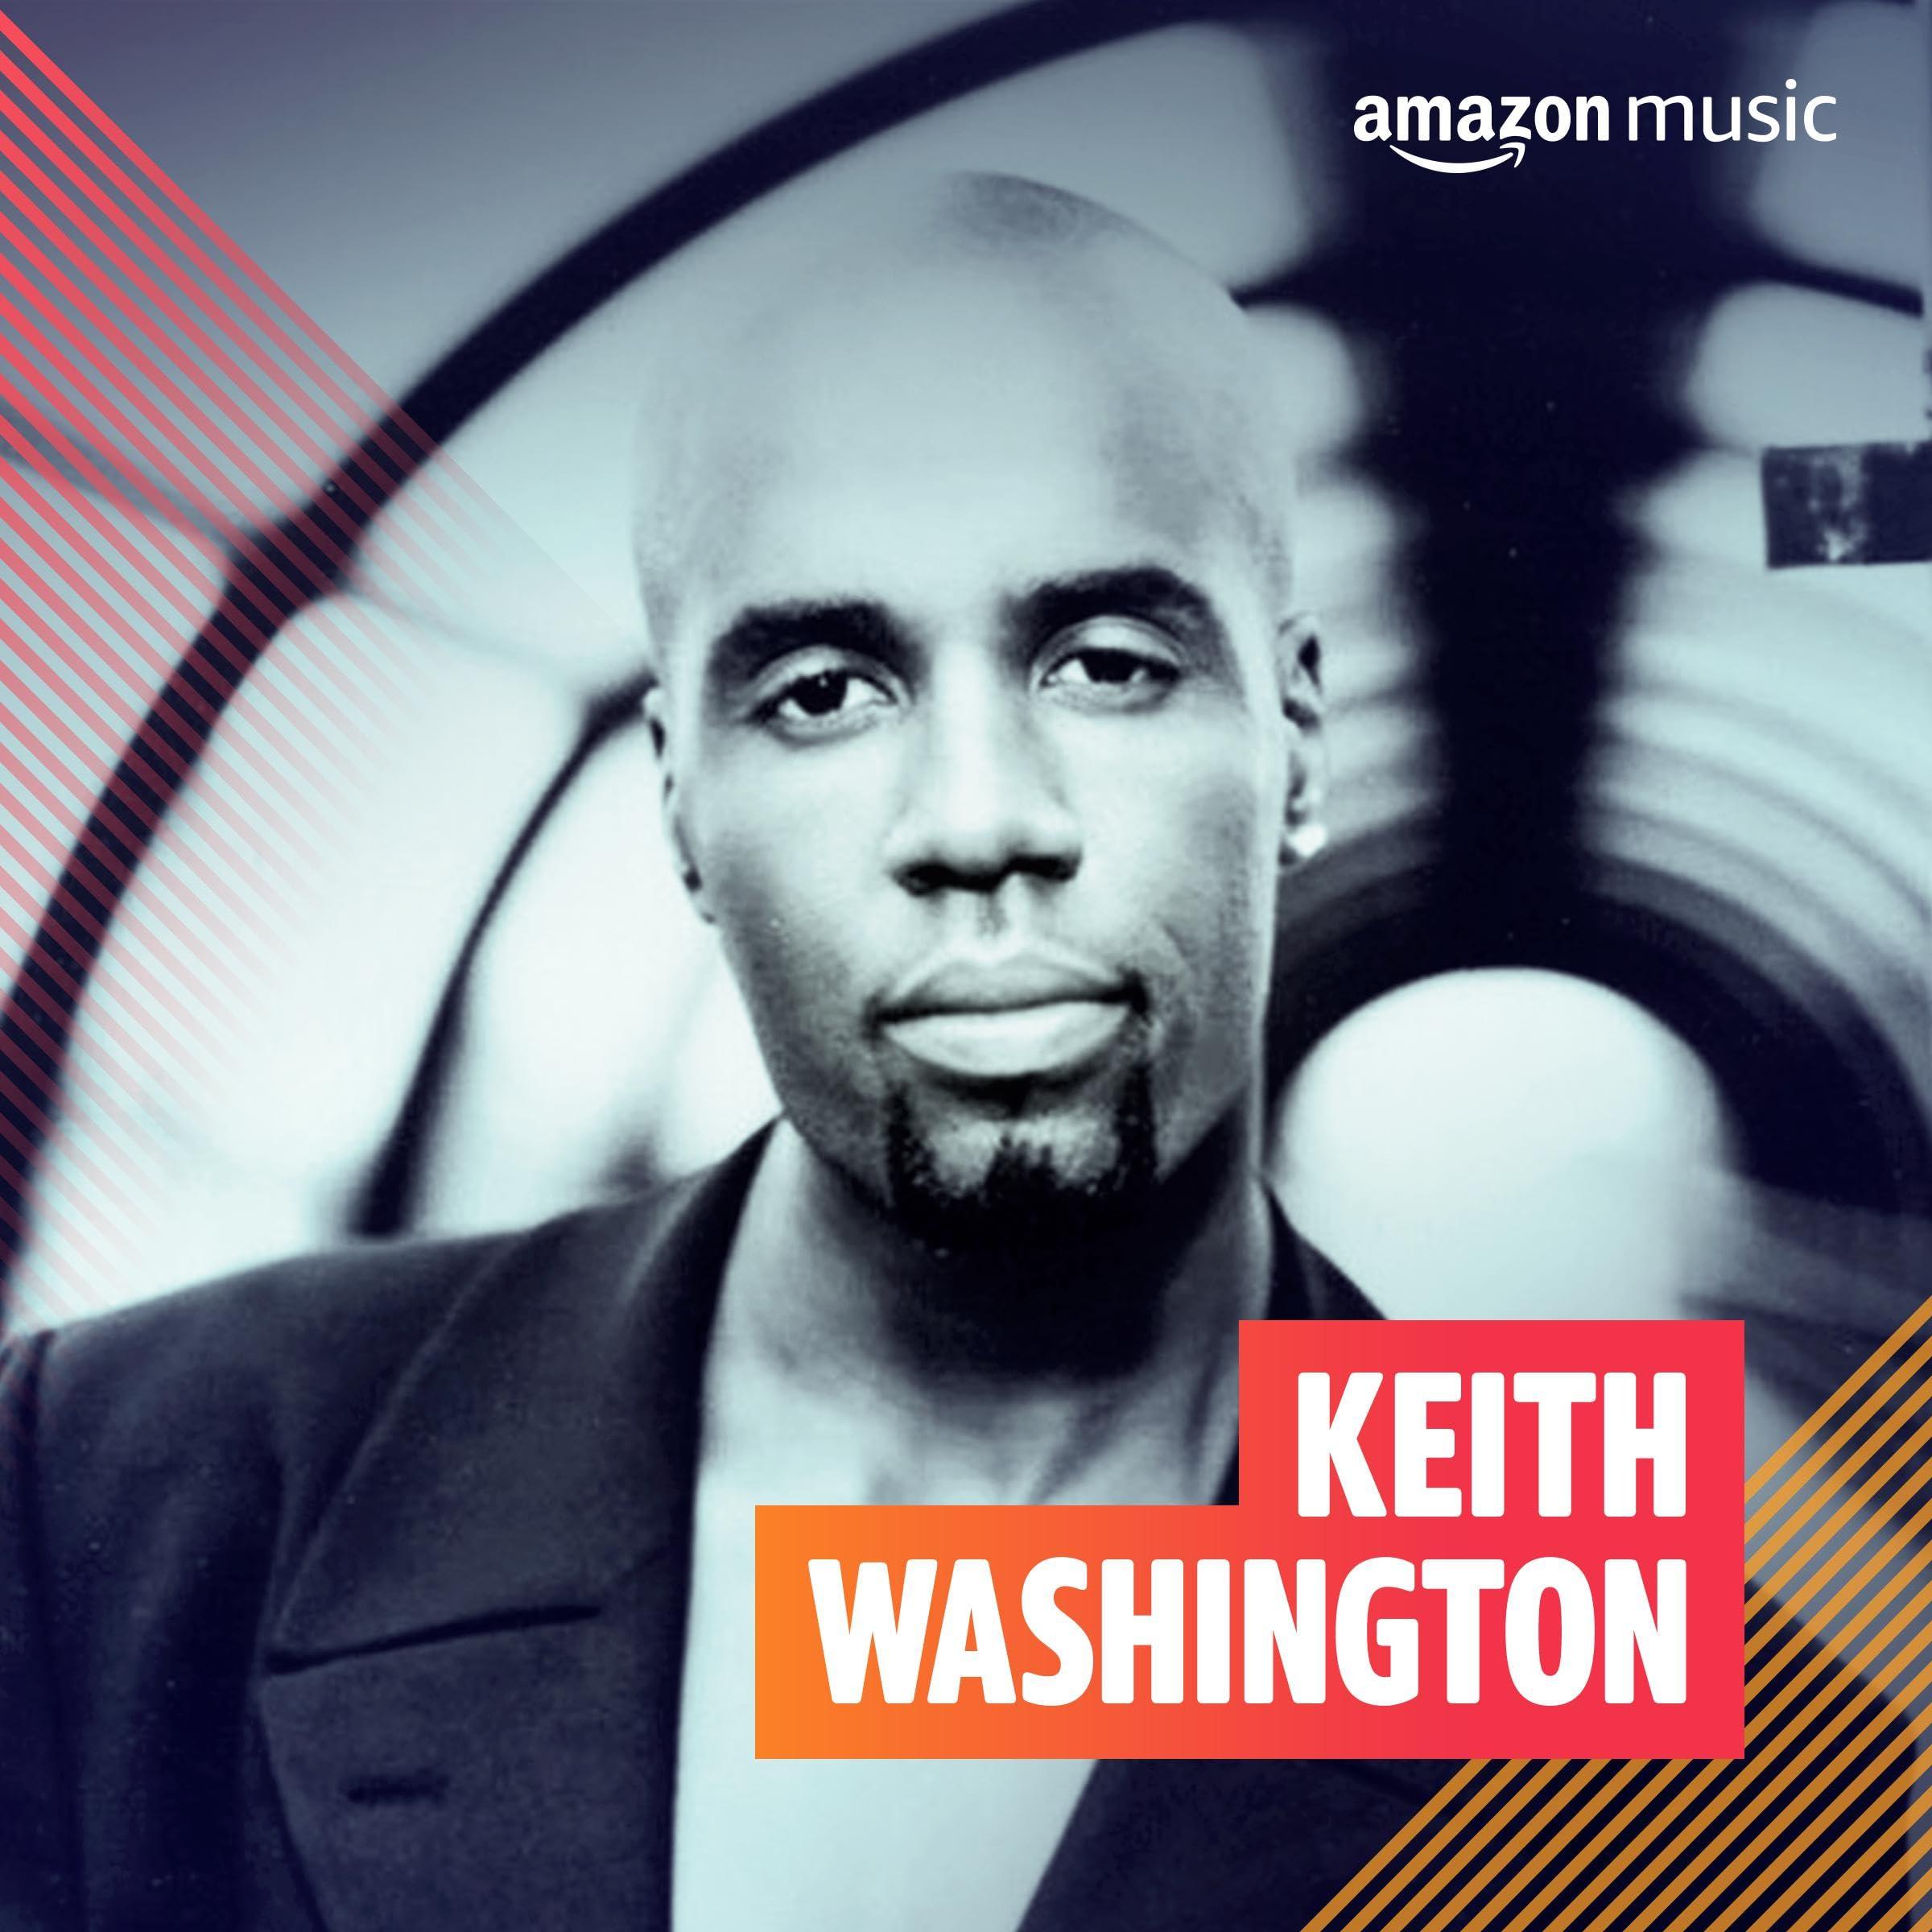 Keith Washington